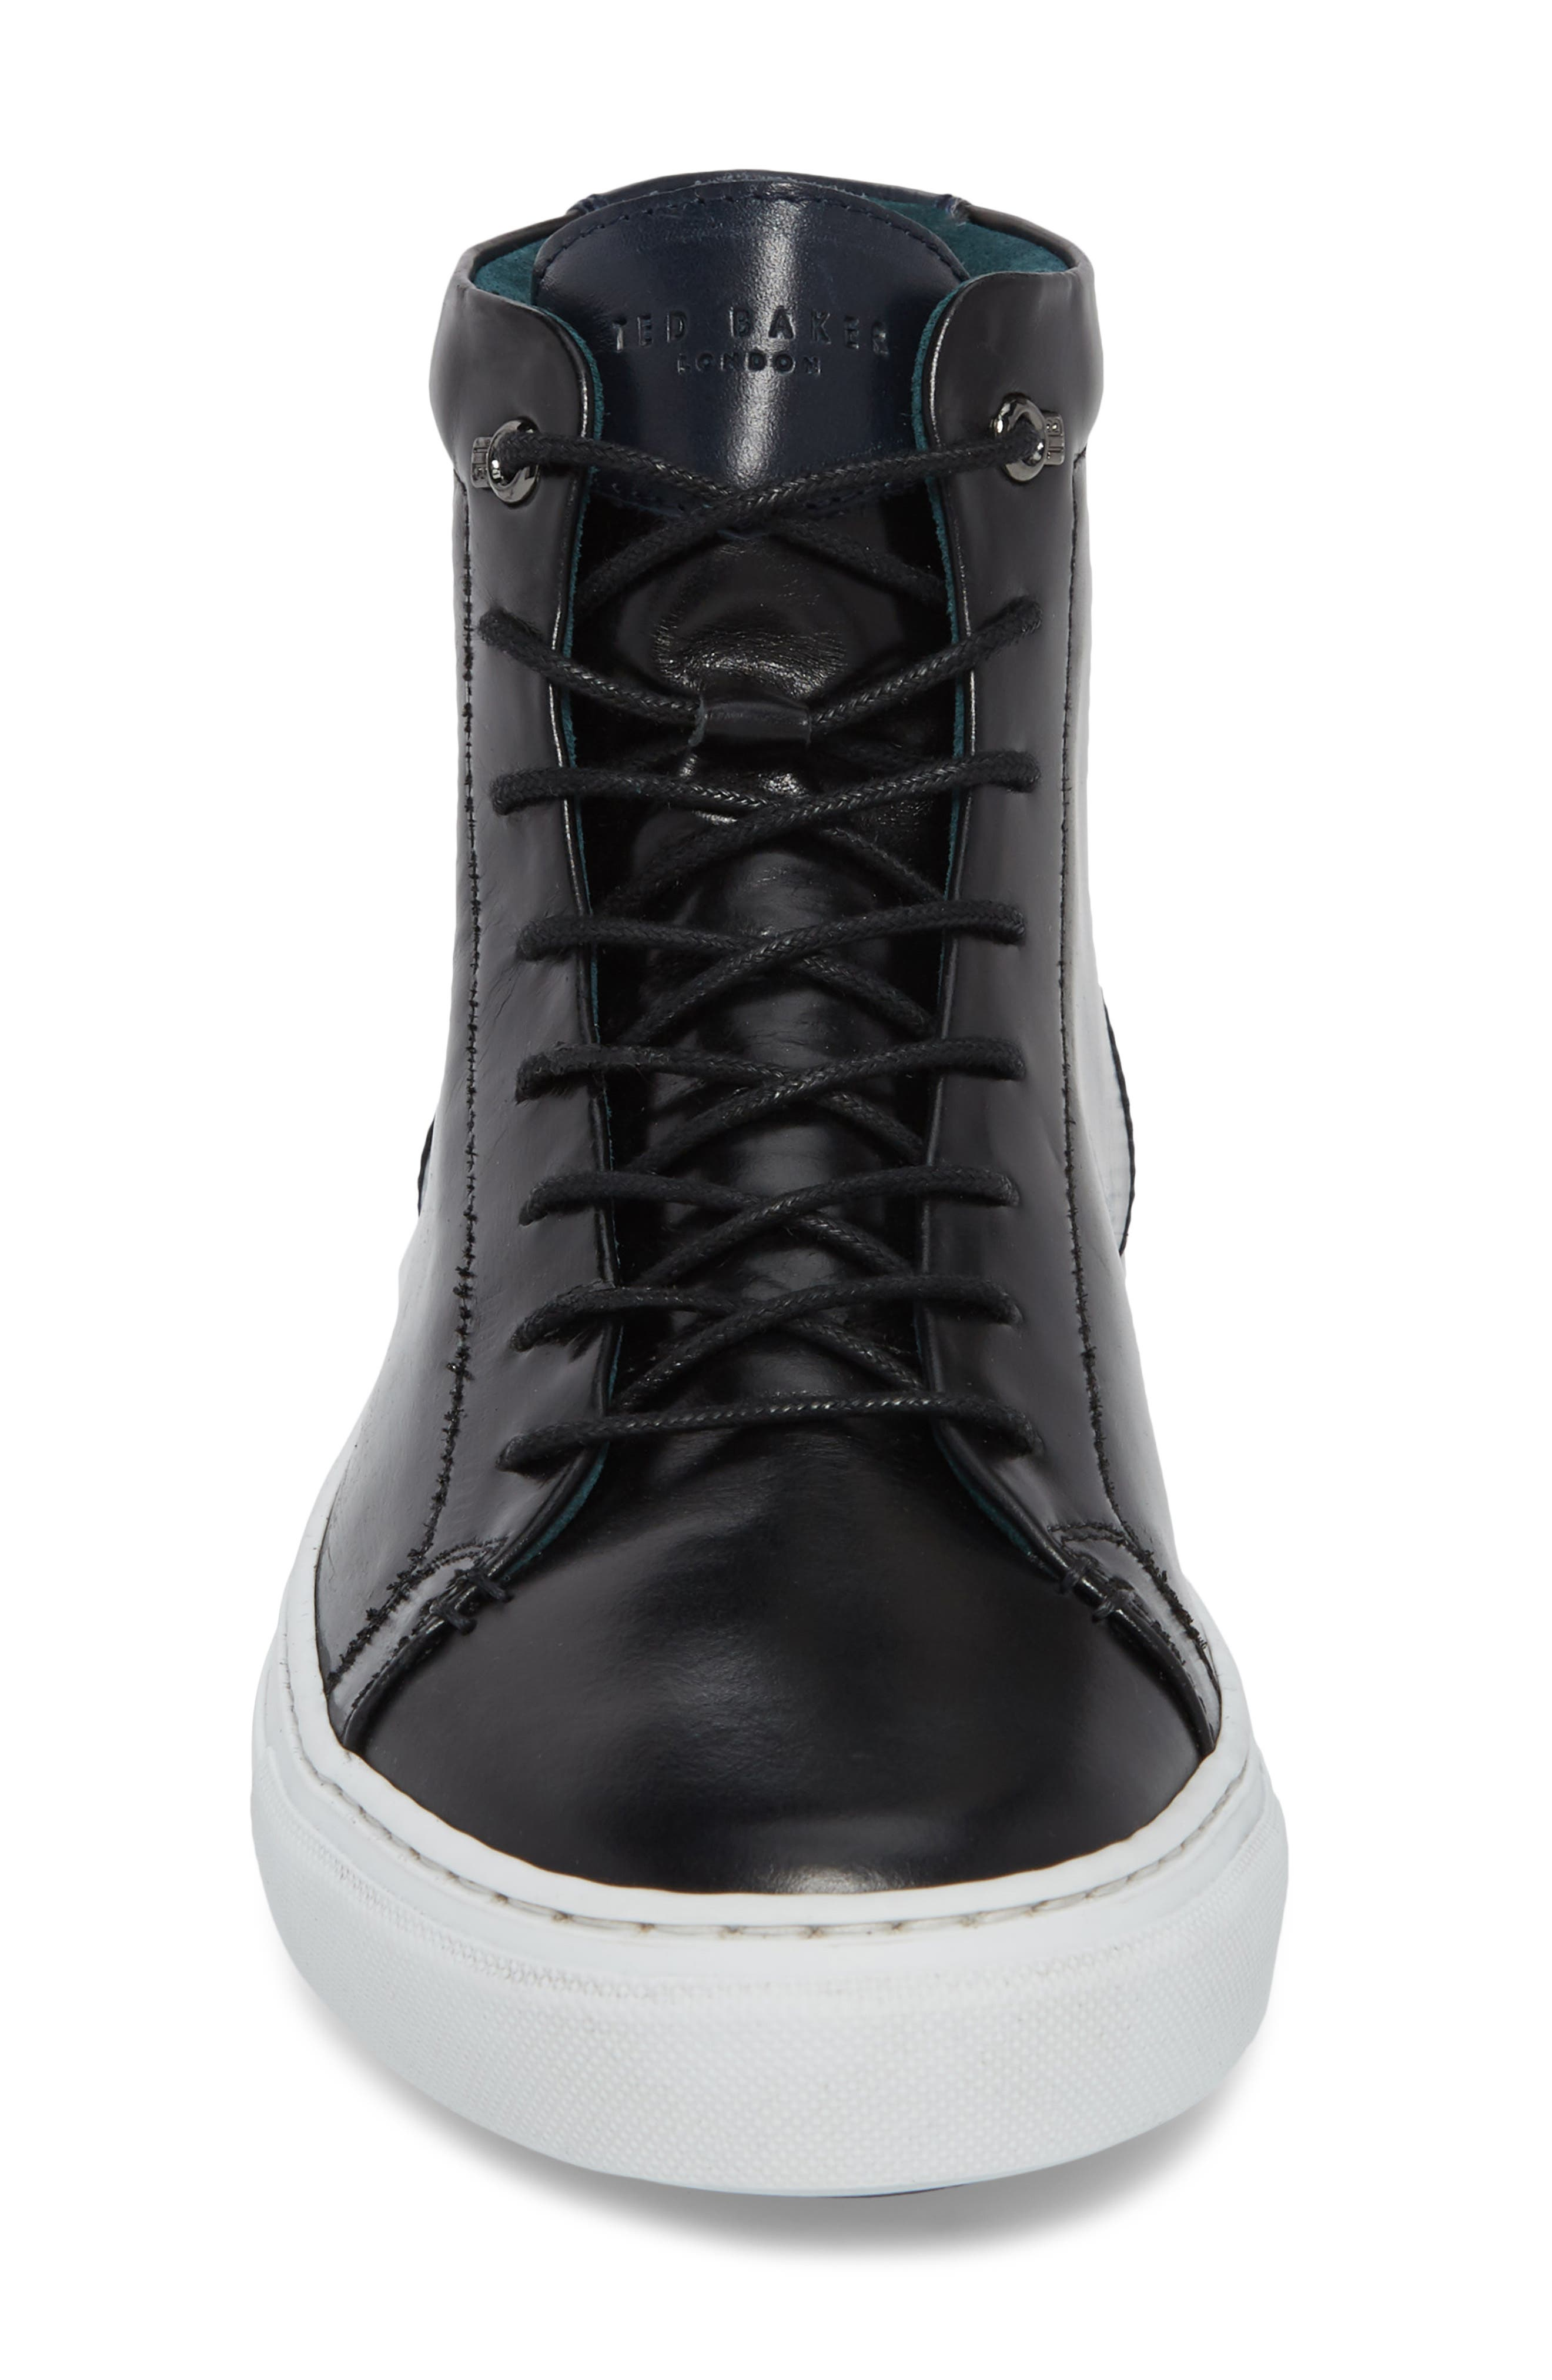 Monerkk High Top Sneaker,                             Alternate thumbnail 4, color,                             Black Leather